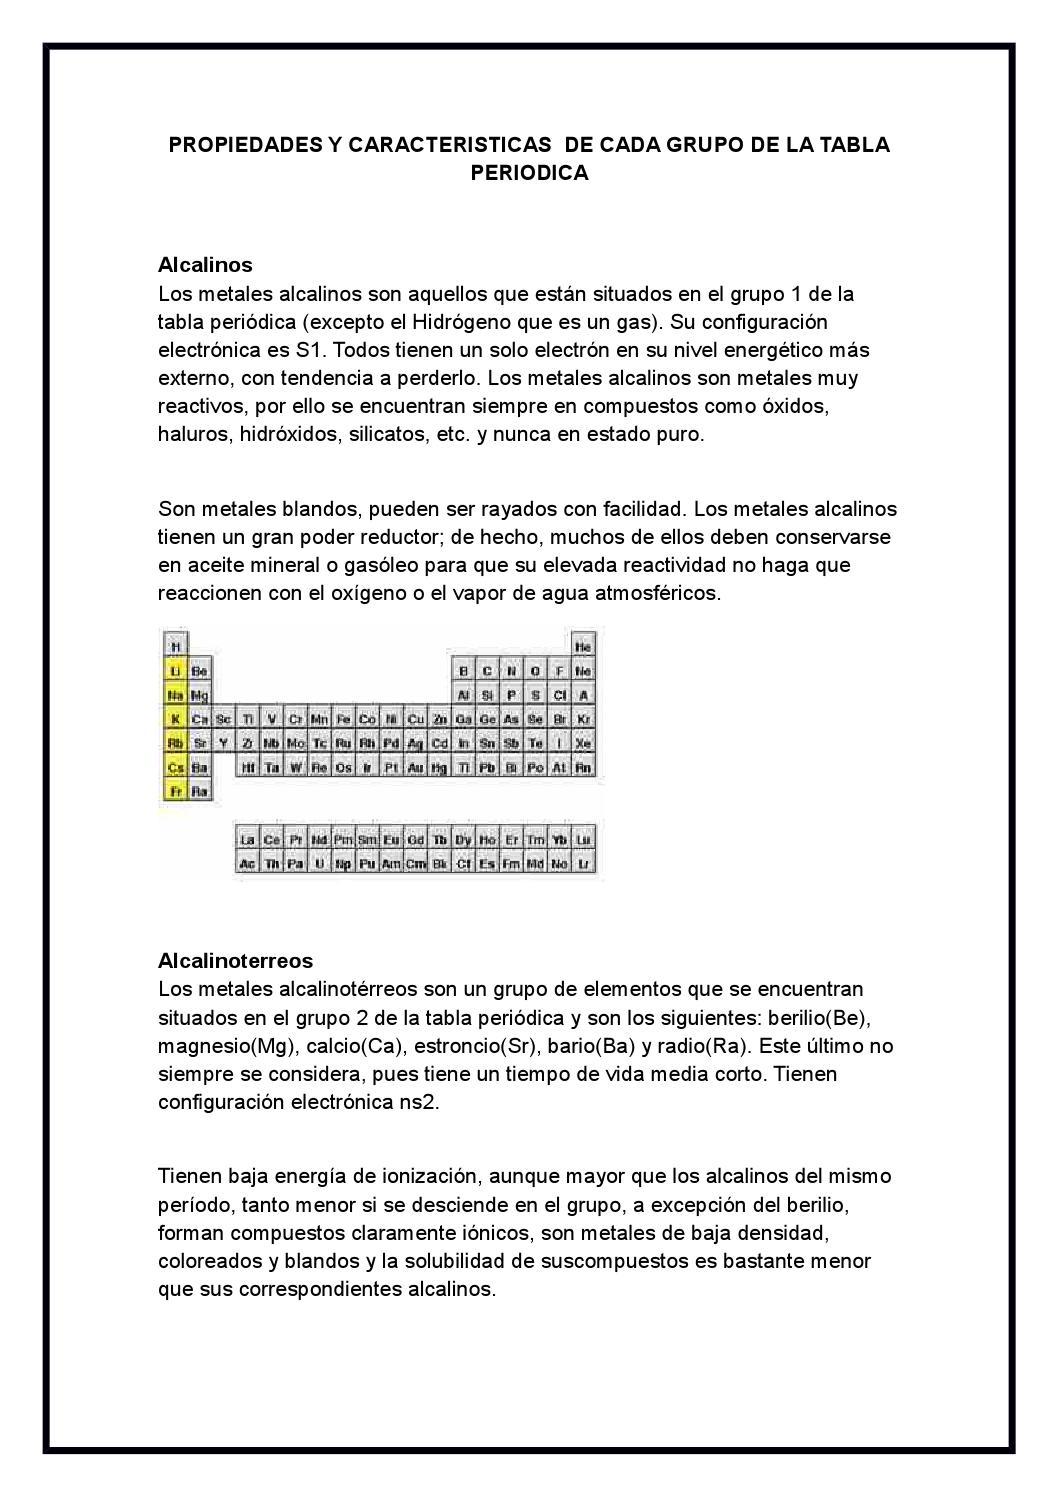 Propiedades y caracteristicas de cada grupo de la tabla periodica by propiedades y caracteristicas de cada grupo de la tabla periodica by amy ardiano issuu urtaz Gallery